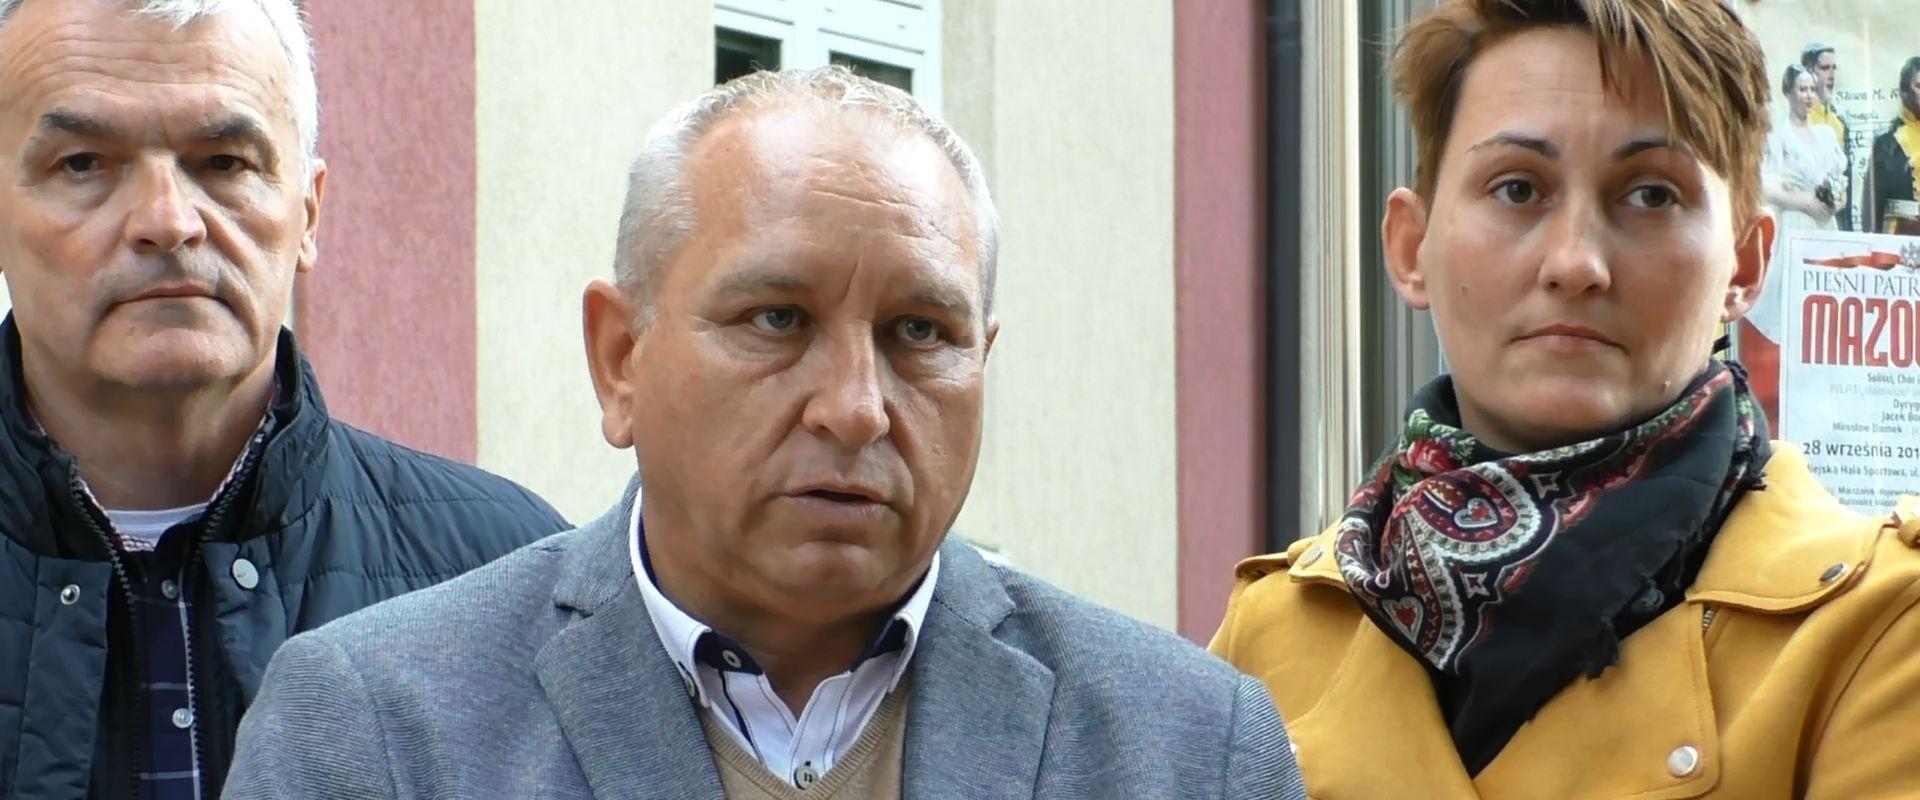 Romuald Zawodnik pozwany w trybie wyborczym